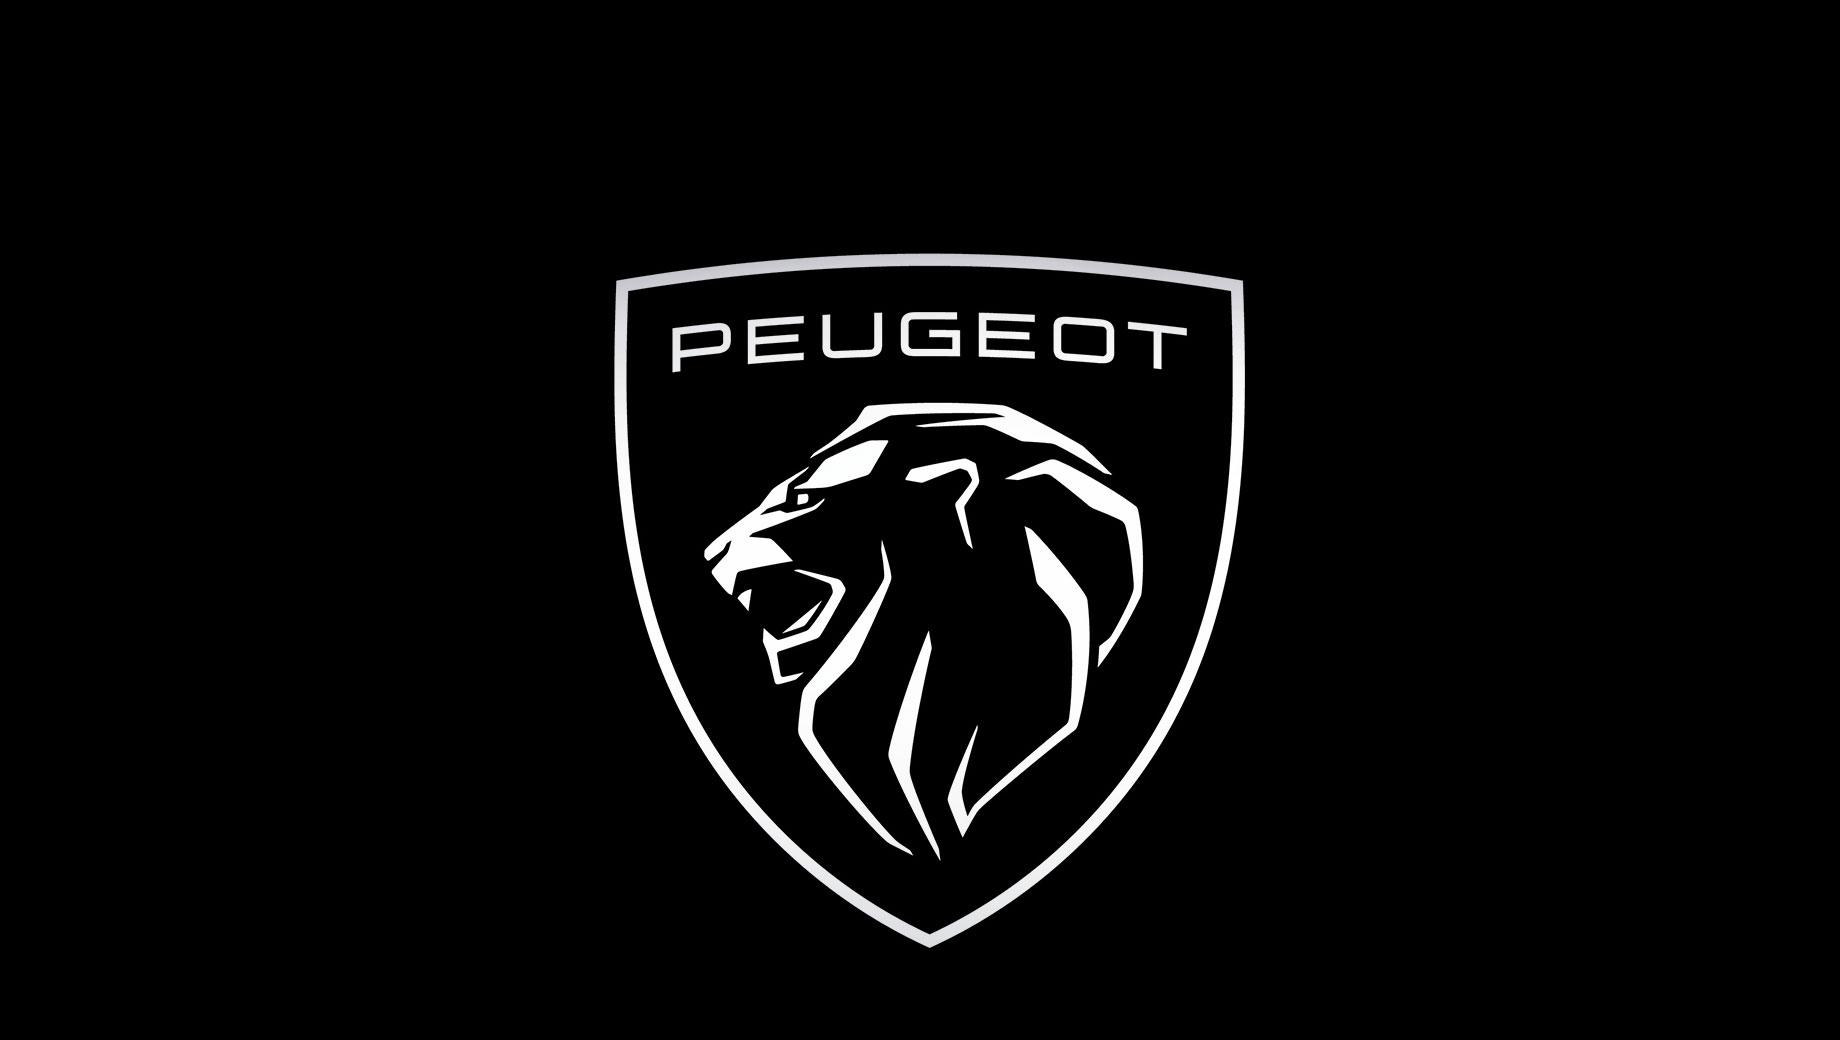 Новым логотипом Peugeot стал герб с львиной головой